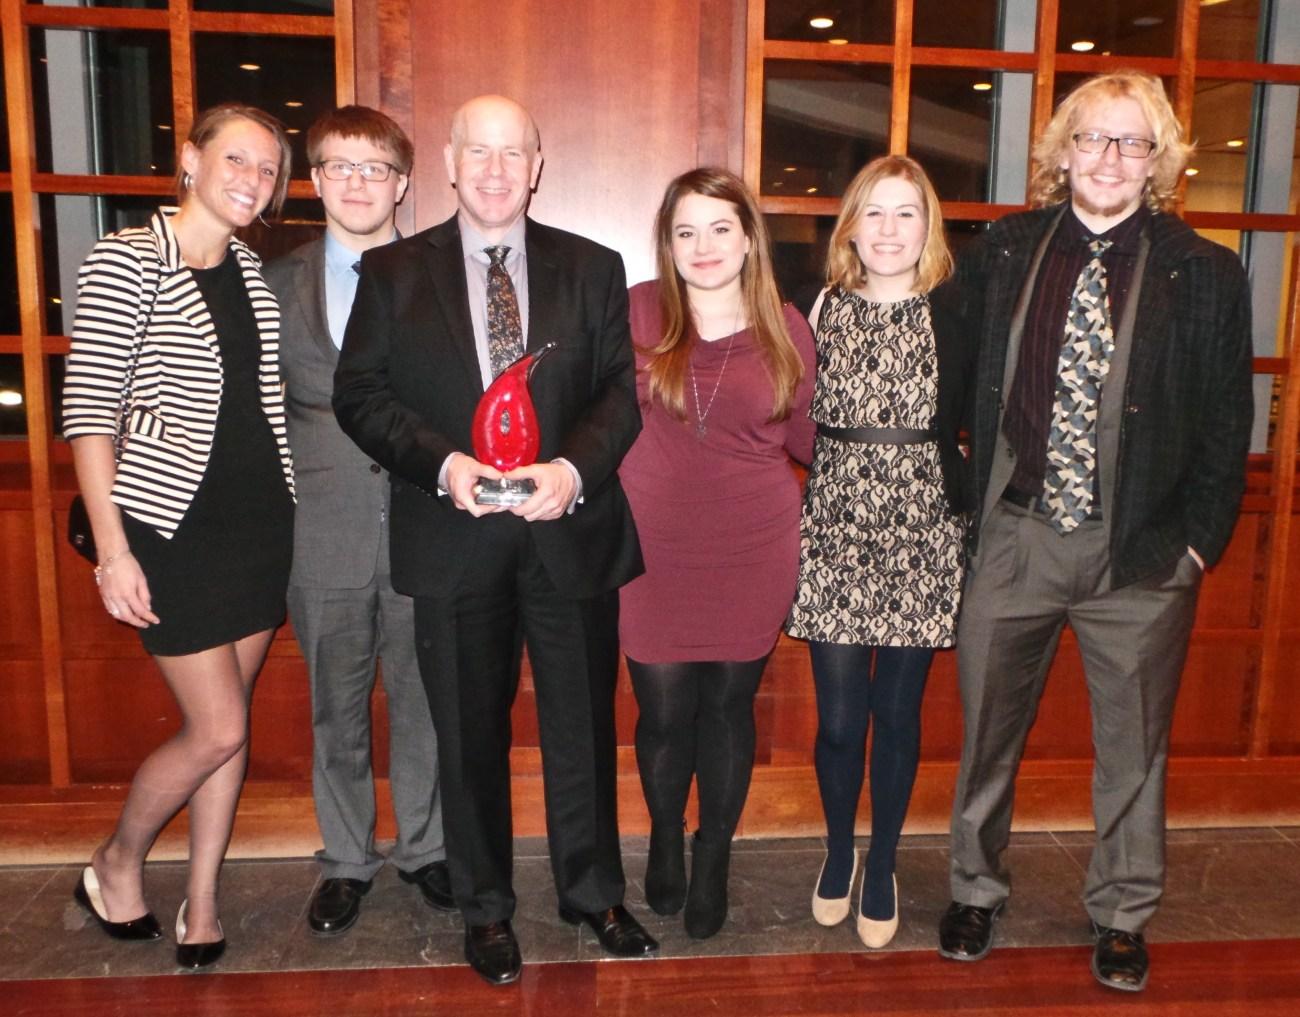 Aish Award and Family